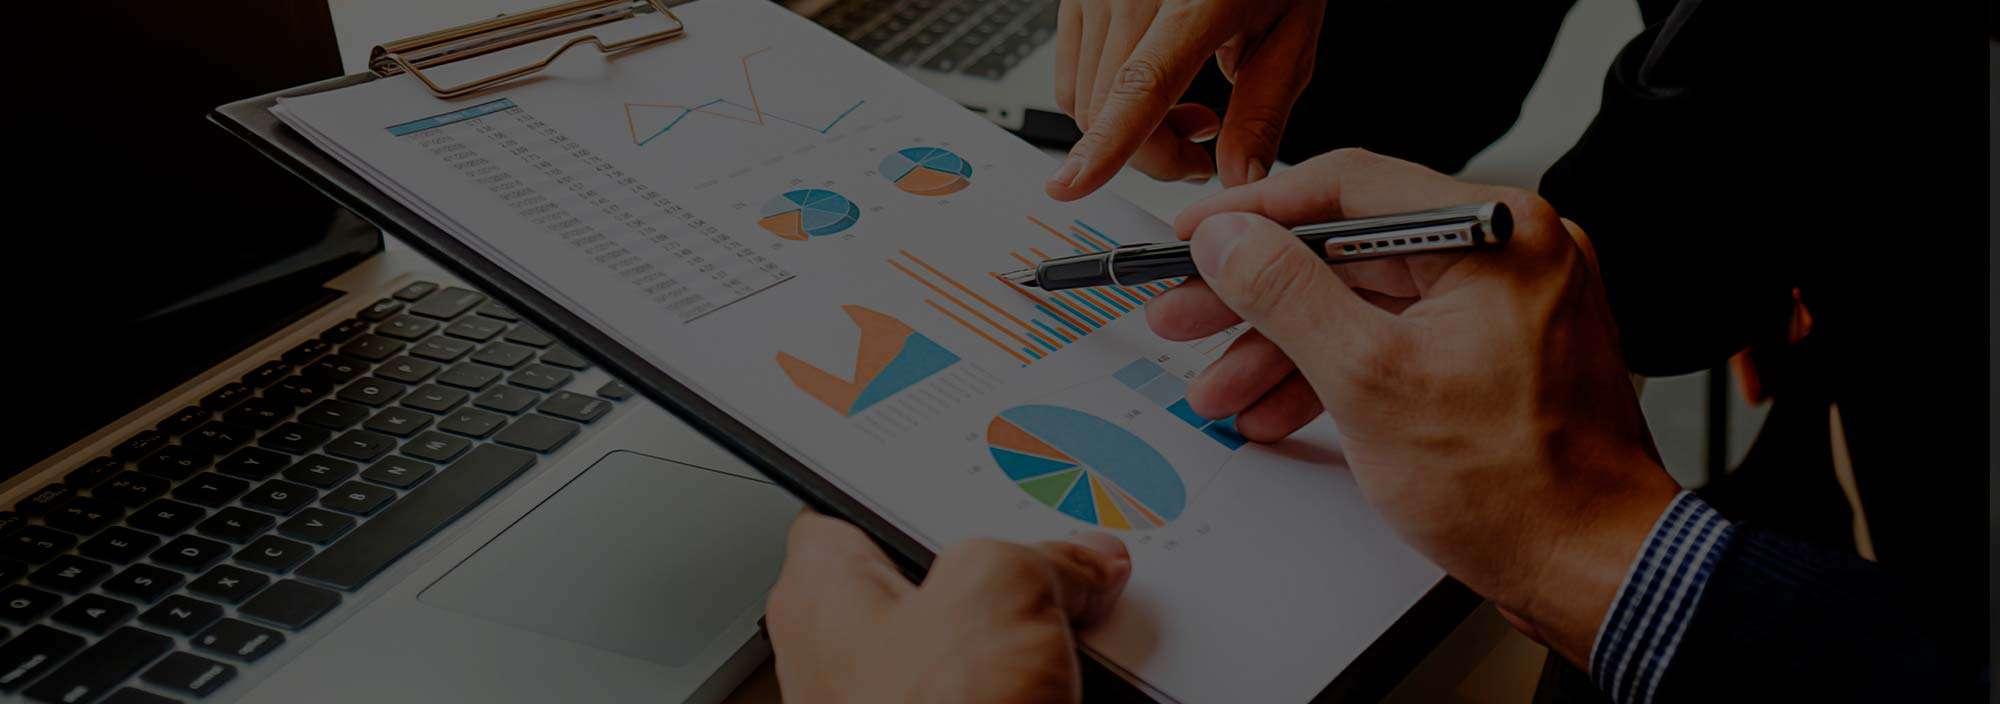 7 Tendências de marketing e vendas para 2019